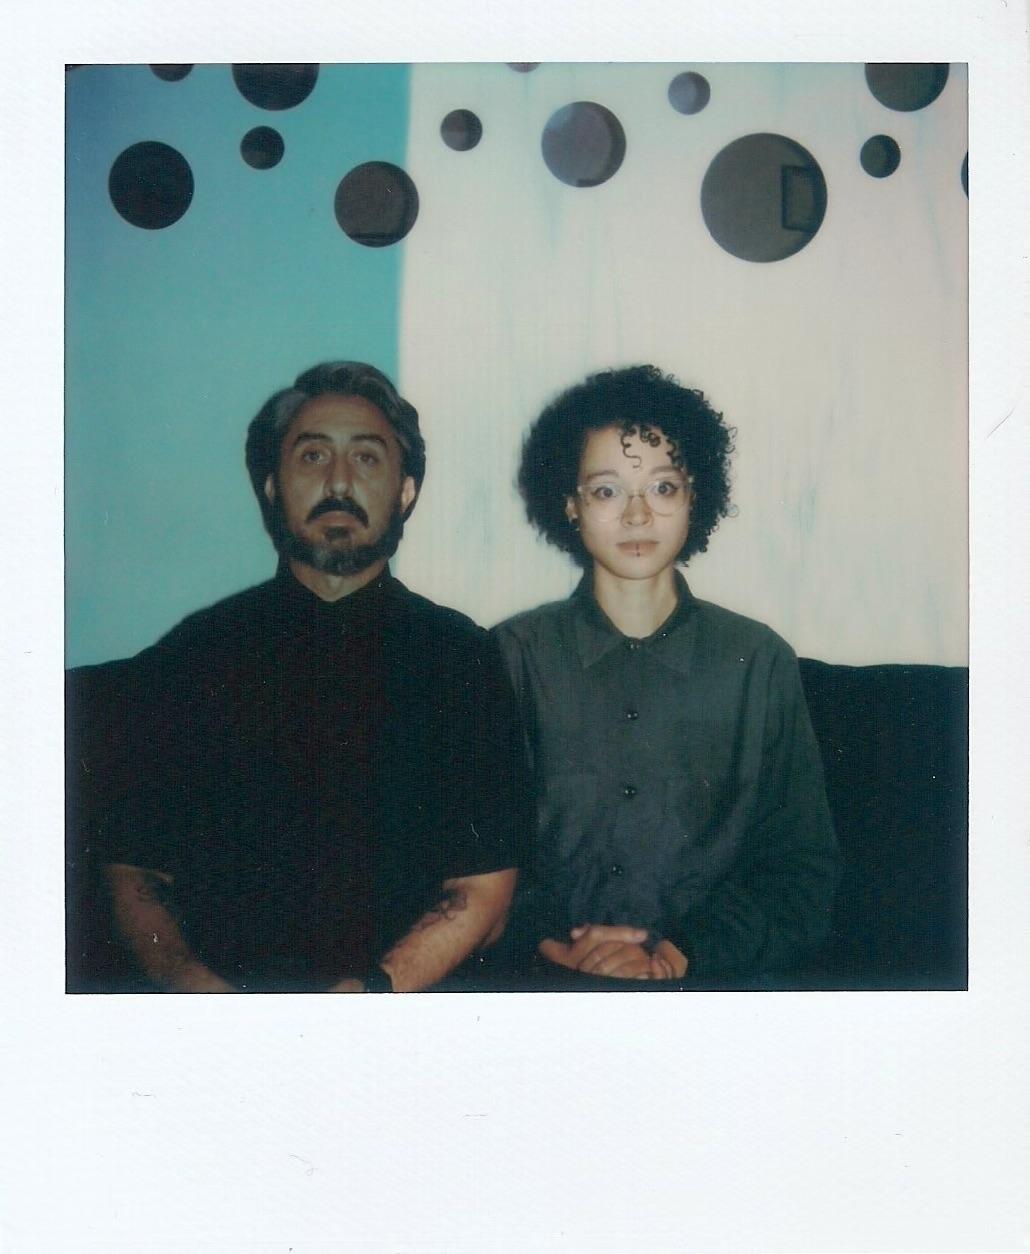 Los Angeles Gothic - polaroid, losangeles - sdotbailey | ello